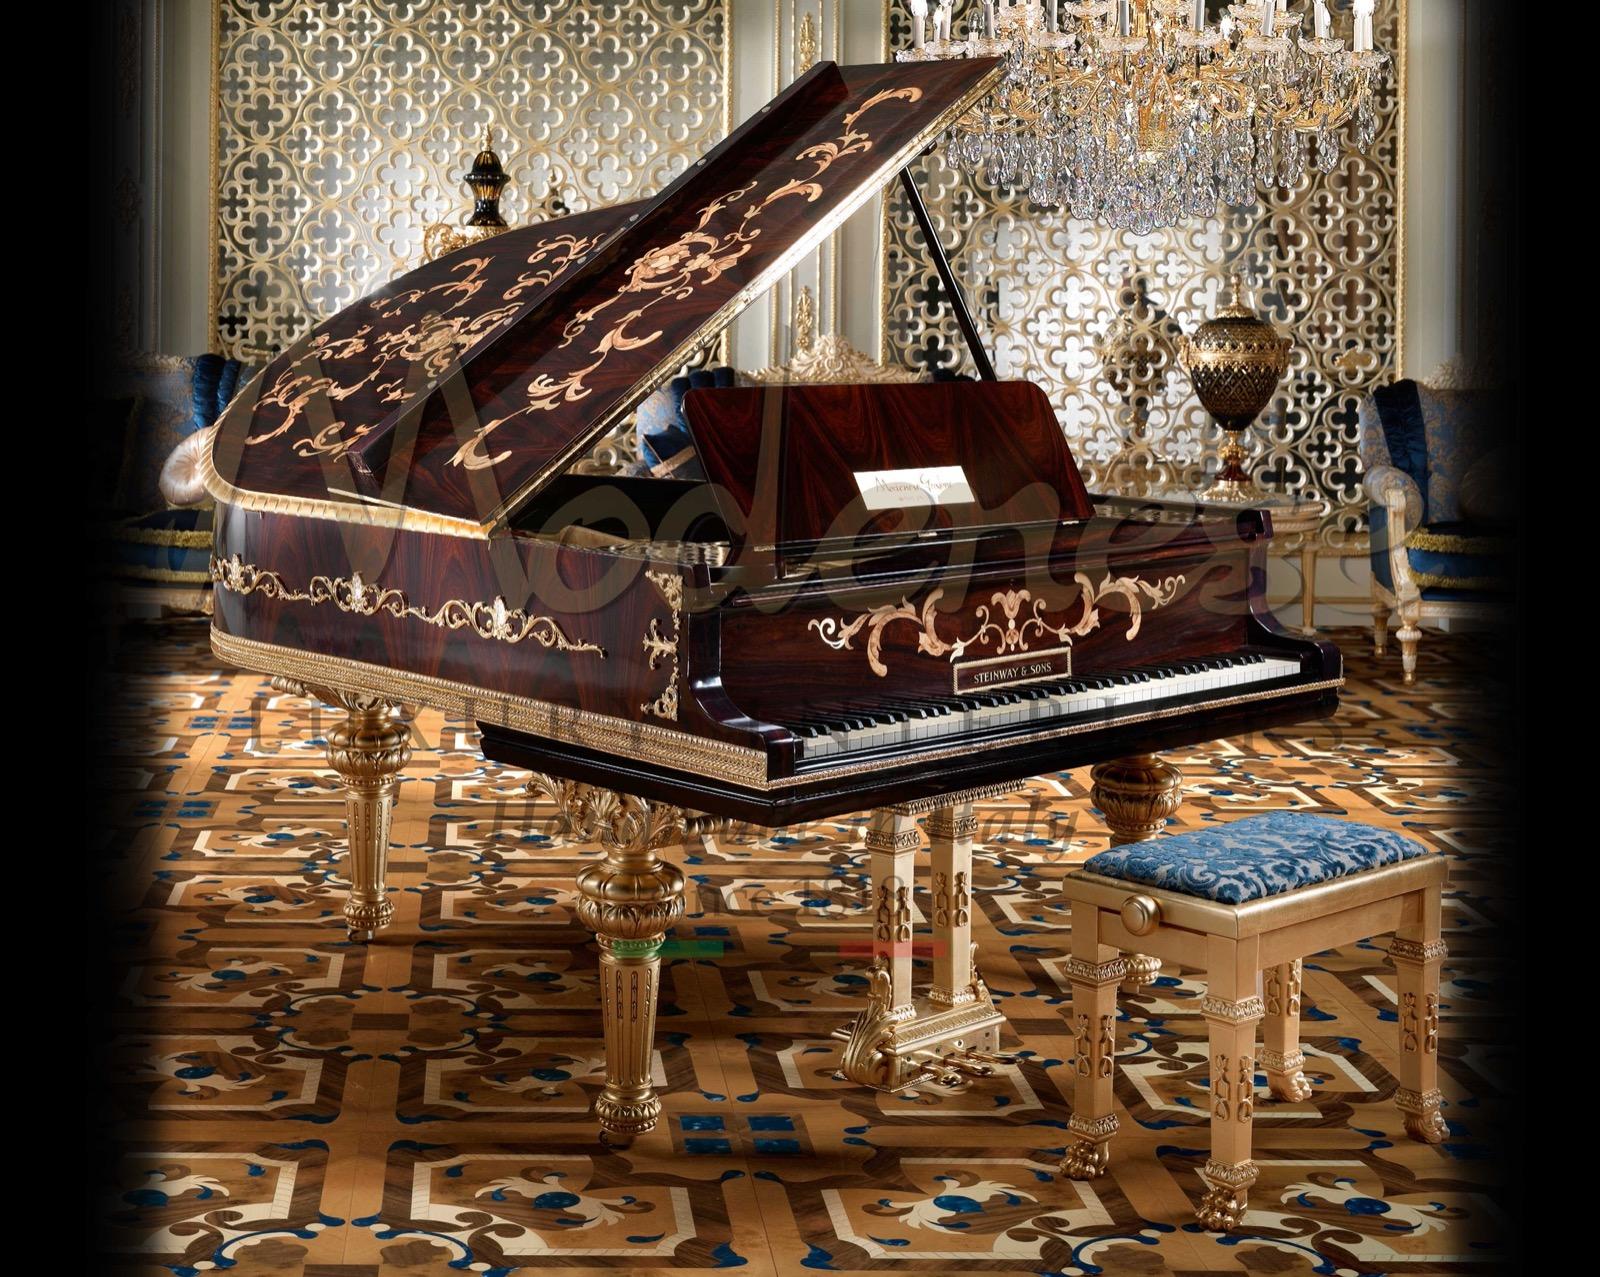 Итальянское производство ручной работы ремесленники реставрация пианино роскошь made in Italy мебель сусальное золото